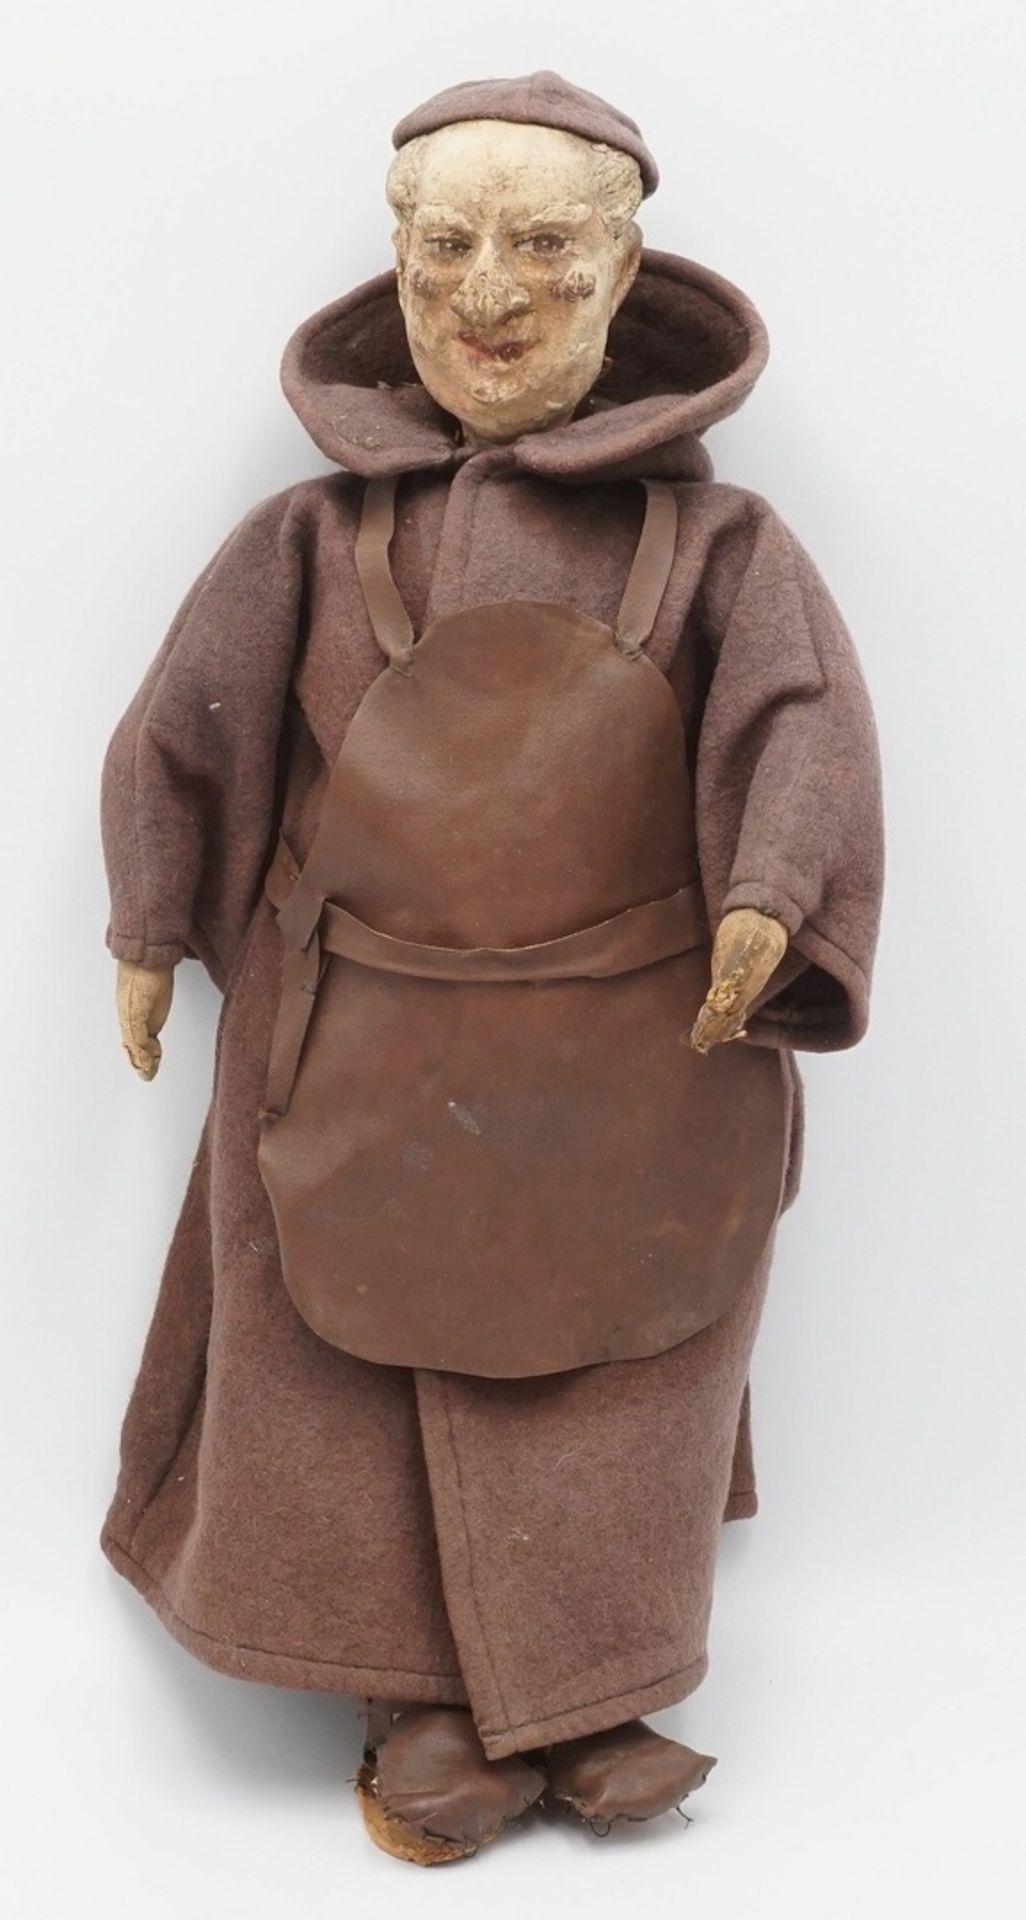 Mönch in brauner Kutte mit Bierbrauerschürze, 1. Hälfte 20. Jh.